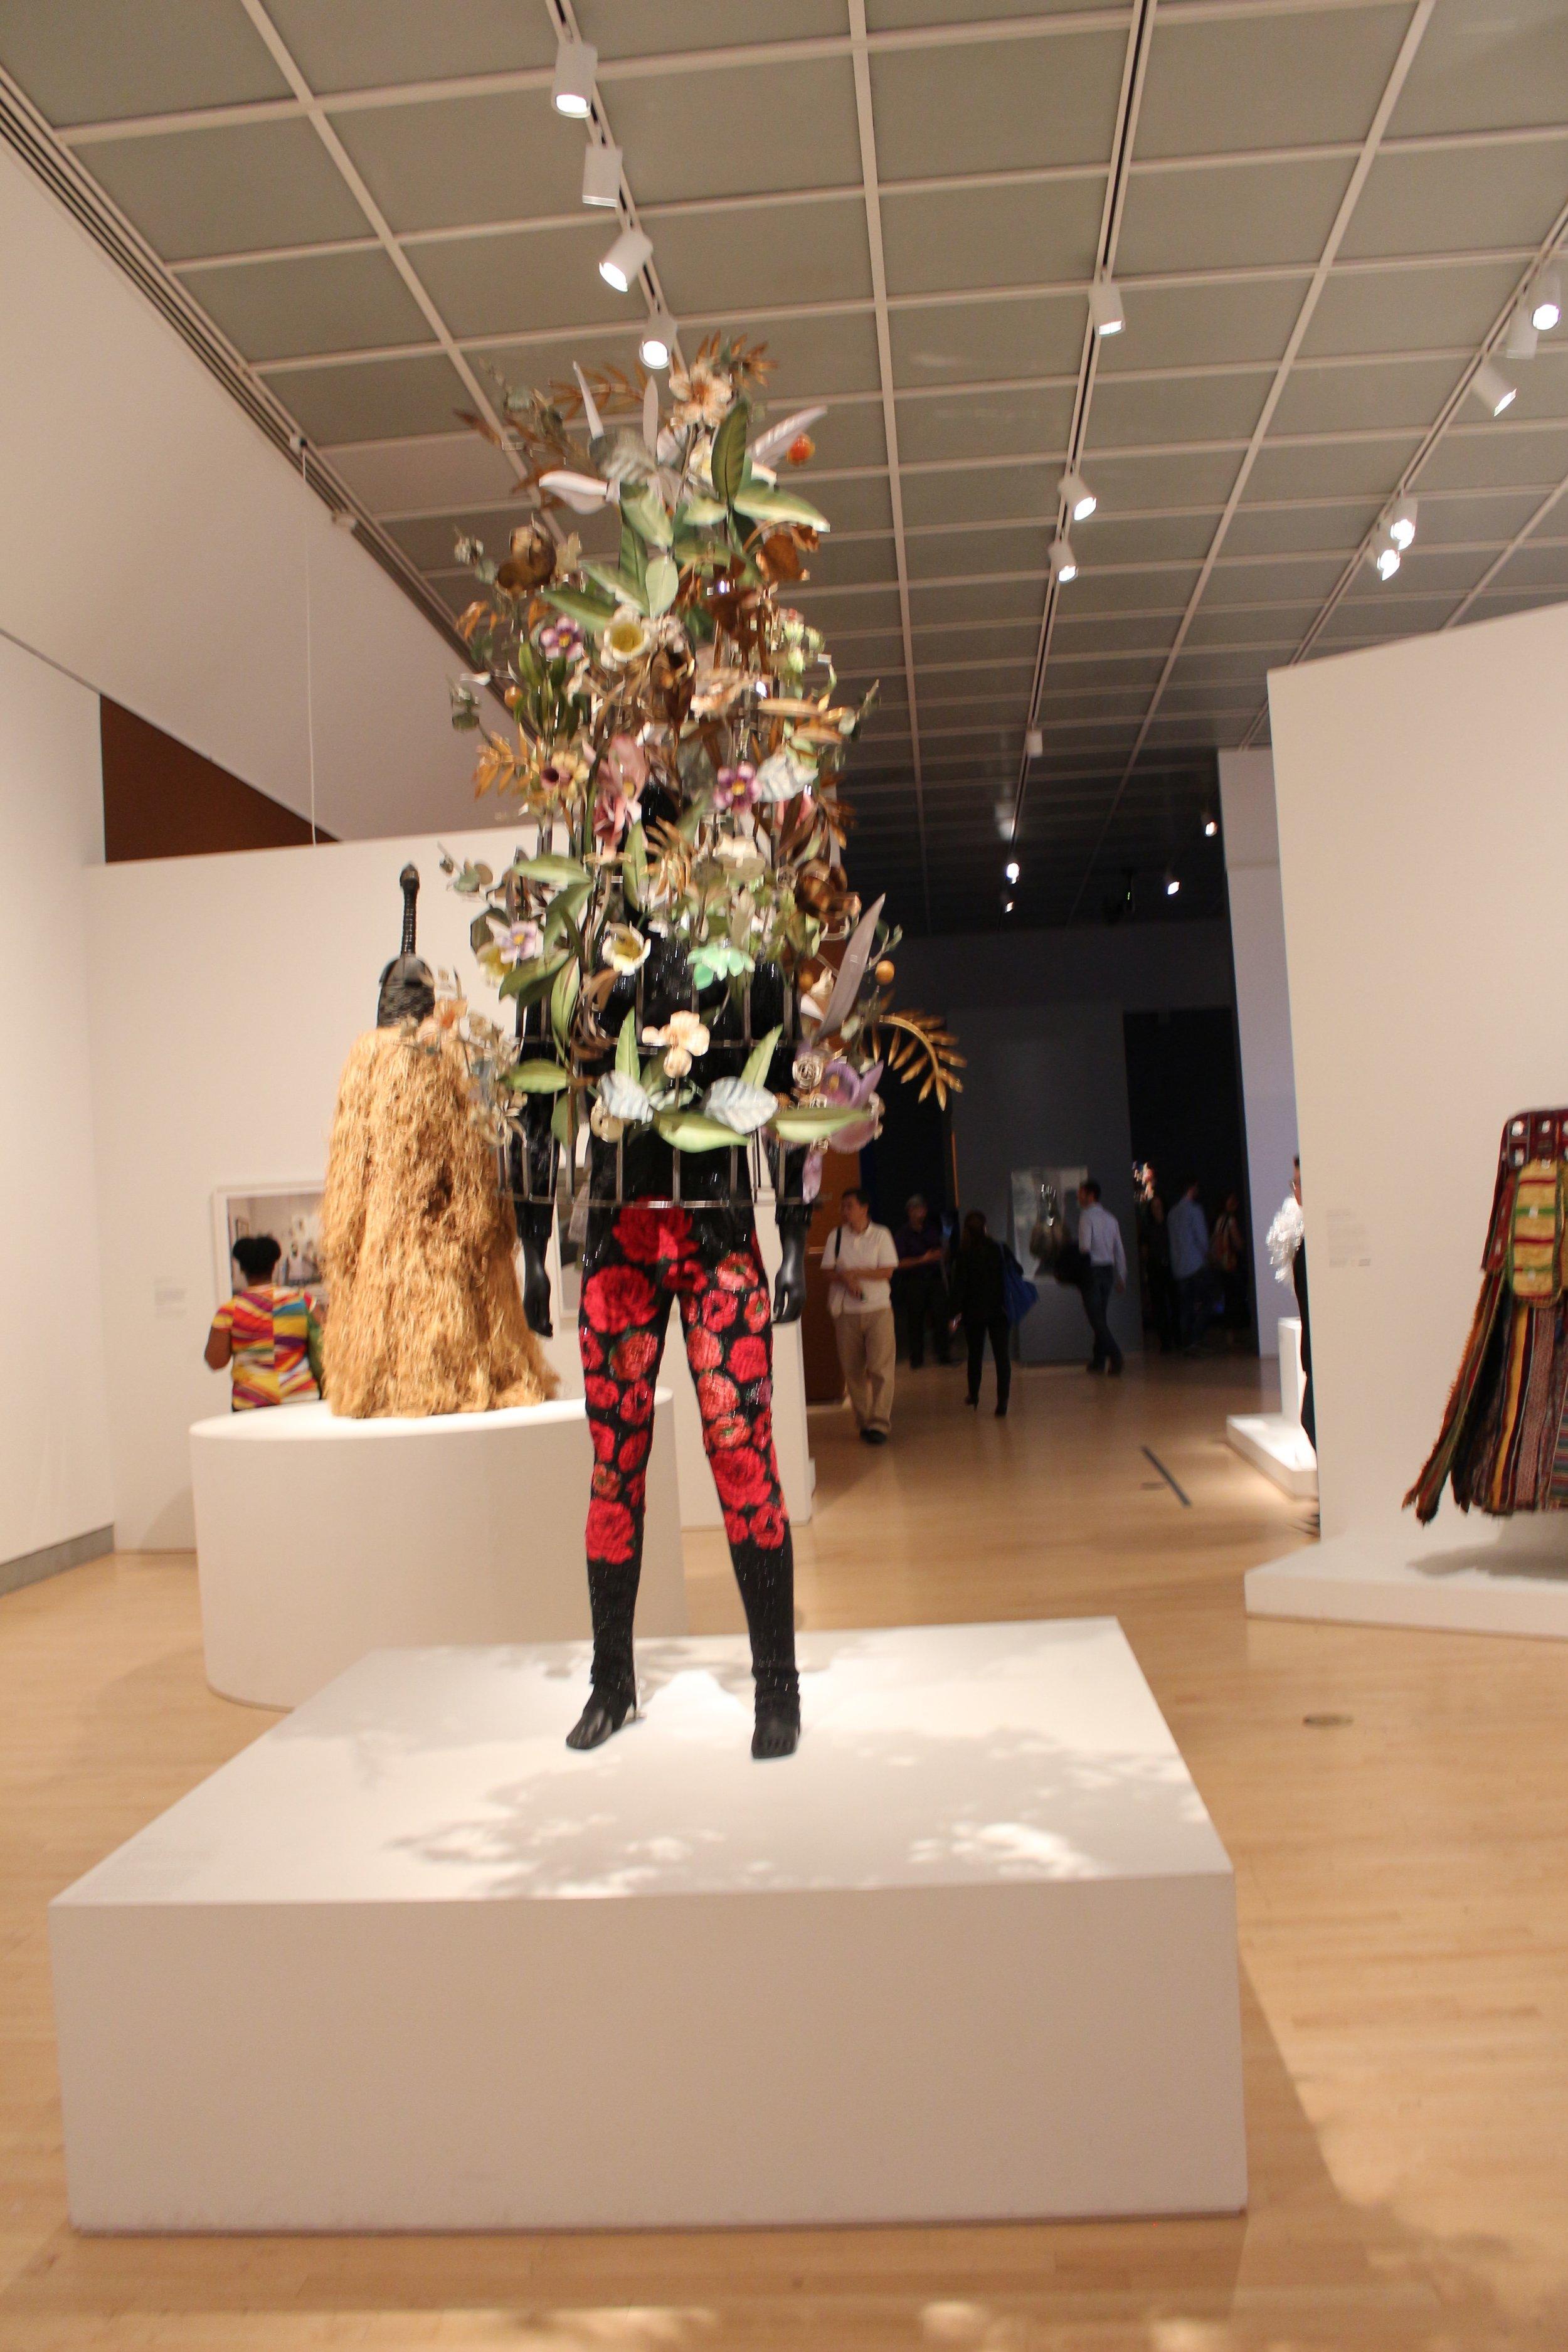 Brooklyn Museum visit by Jasmine diane1.jpg